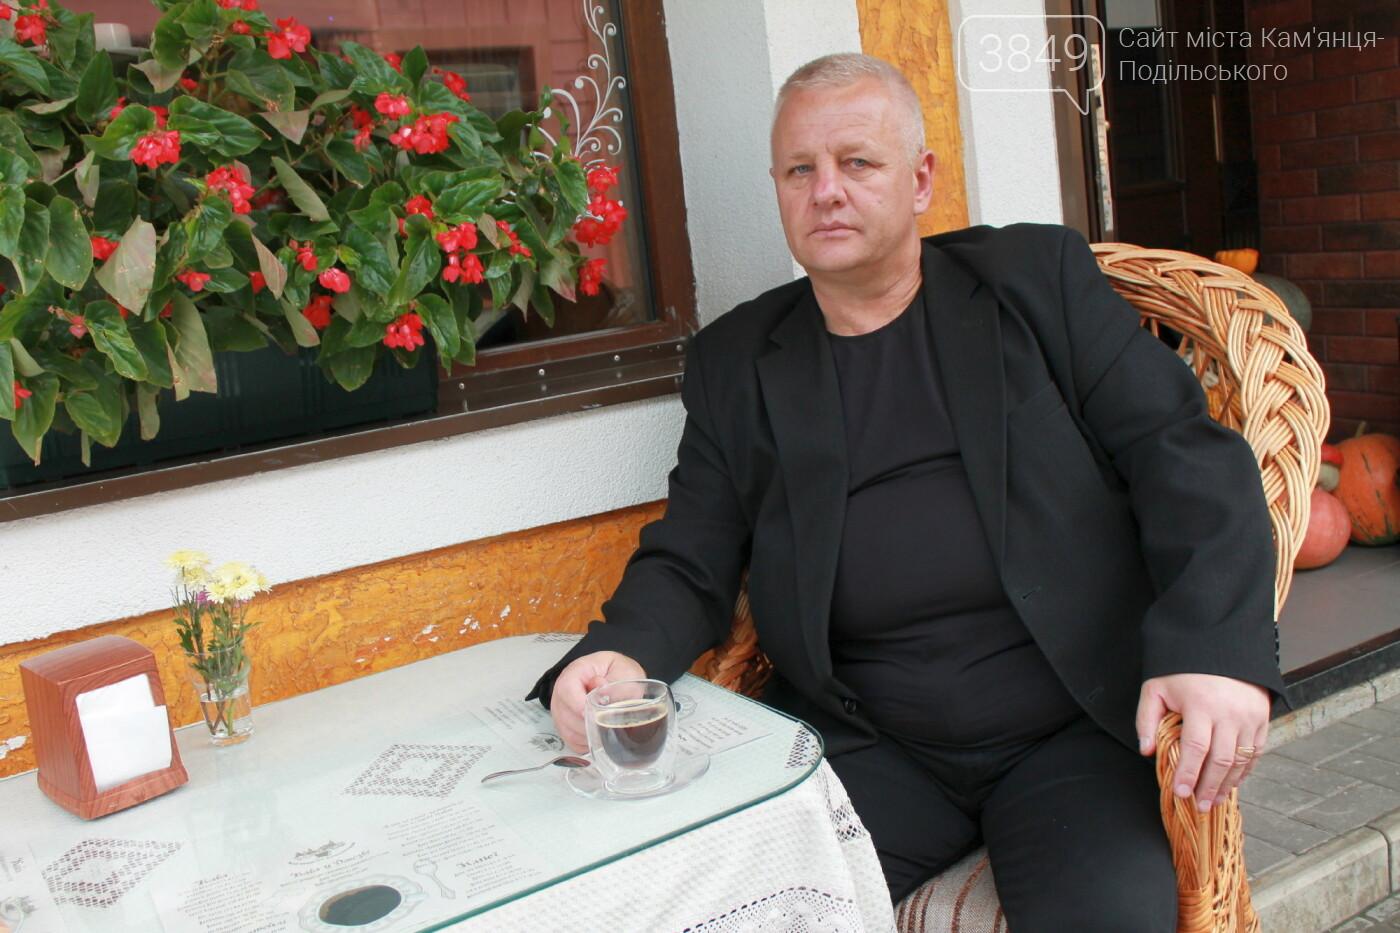 Олександр Борецький-Волошинський на шляху змін Кам'янця-Подільського, фото-1